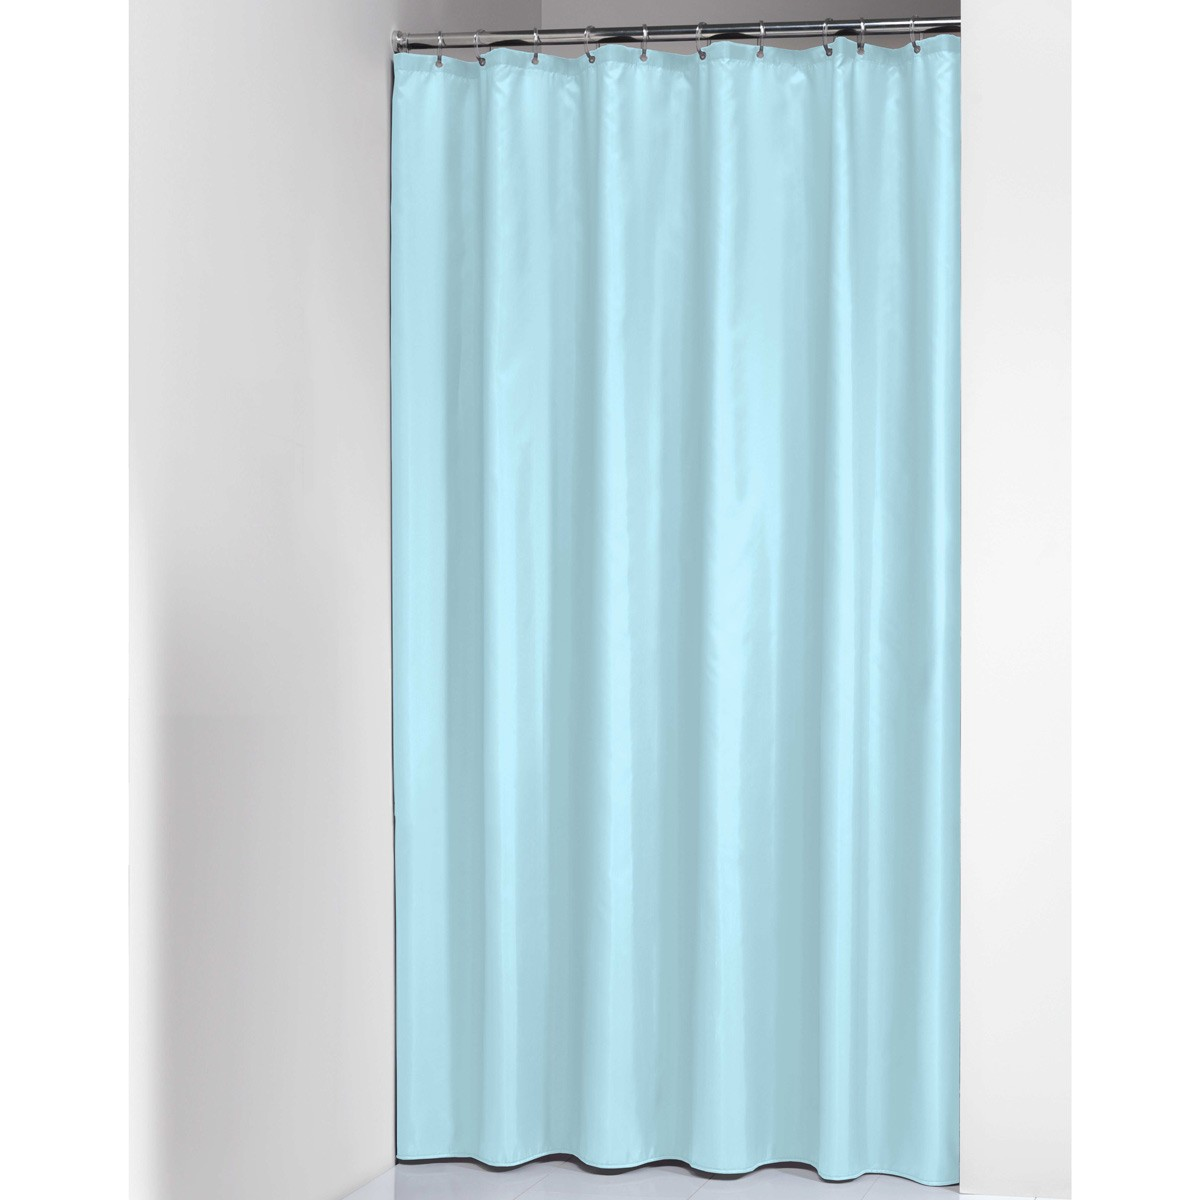 Κουρτίνα Μπάνιου Πλαστική (180×200) SealSkin Opaque Pastel Blue